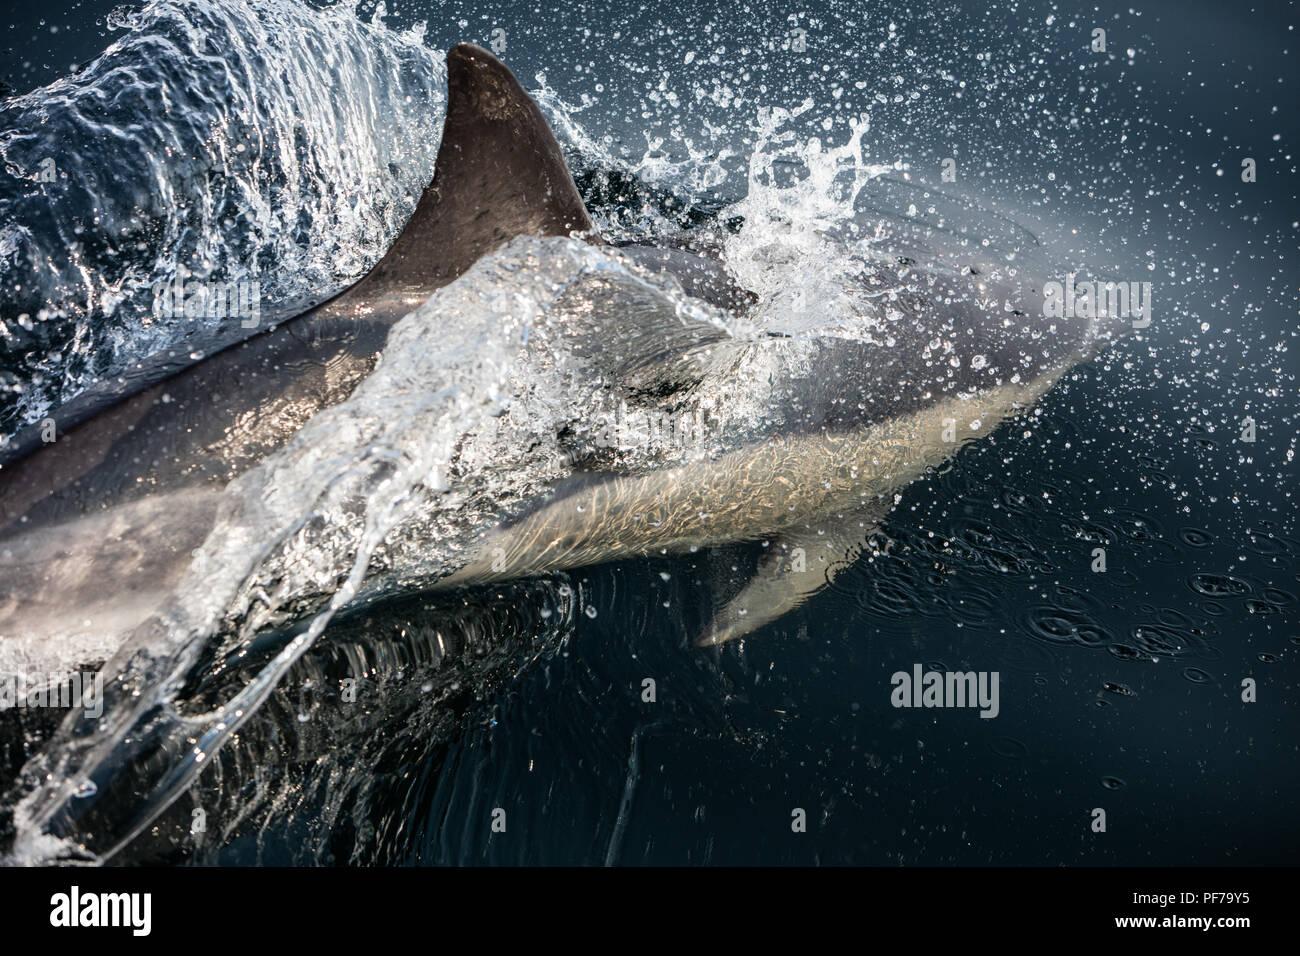 Un Short-Beaked rapide et agile dauphin commun, Delphinus delphis, nage dans l'océan Atlantique Nord au large de Cape Cod, au Massachusetts. Photo Stock